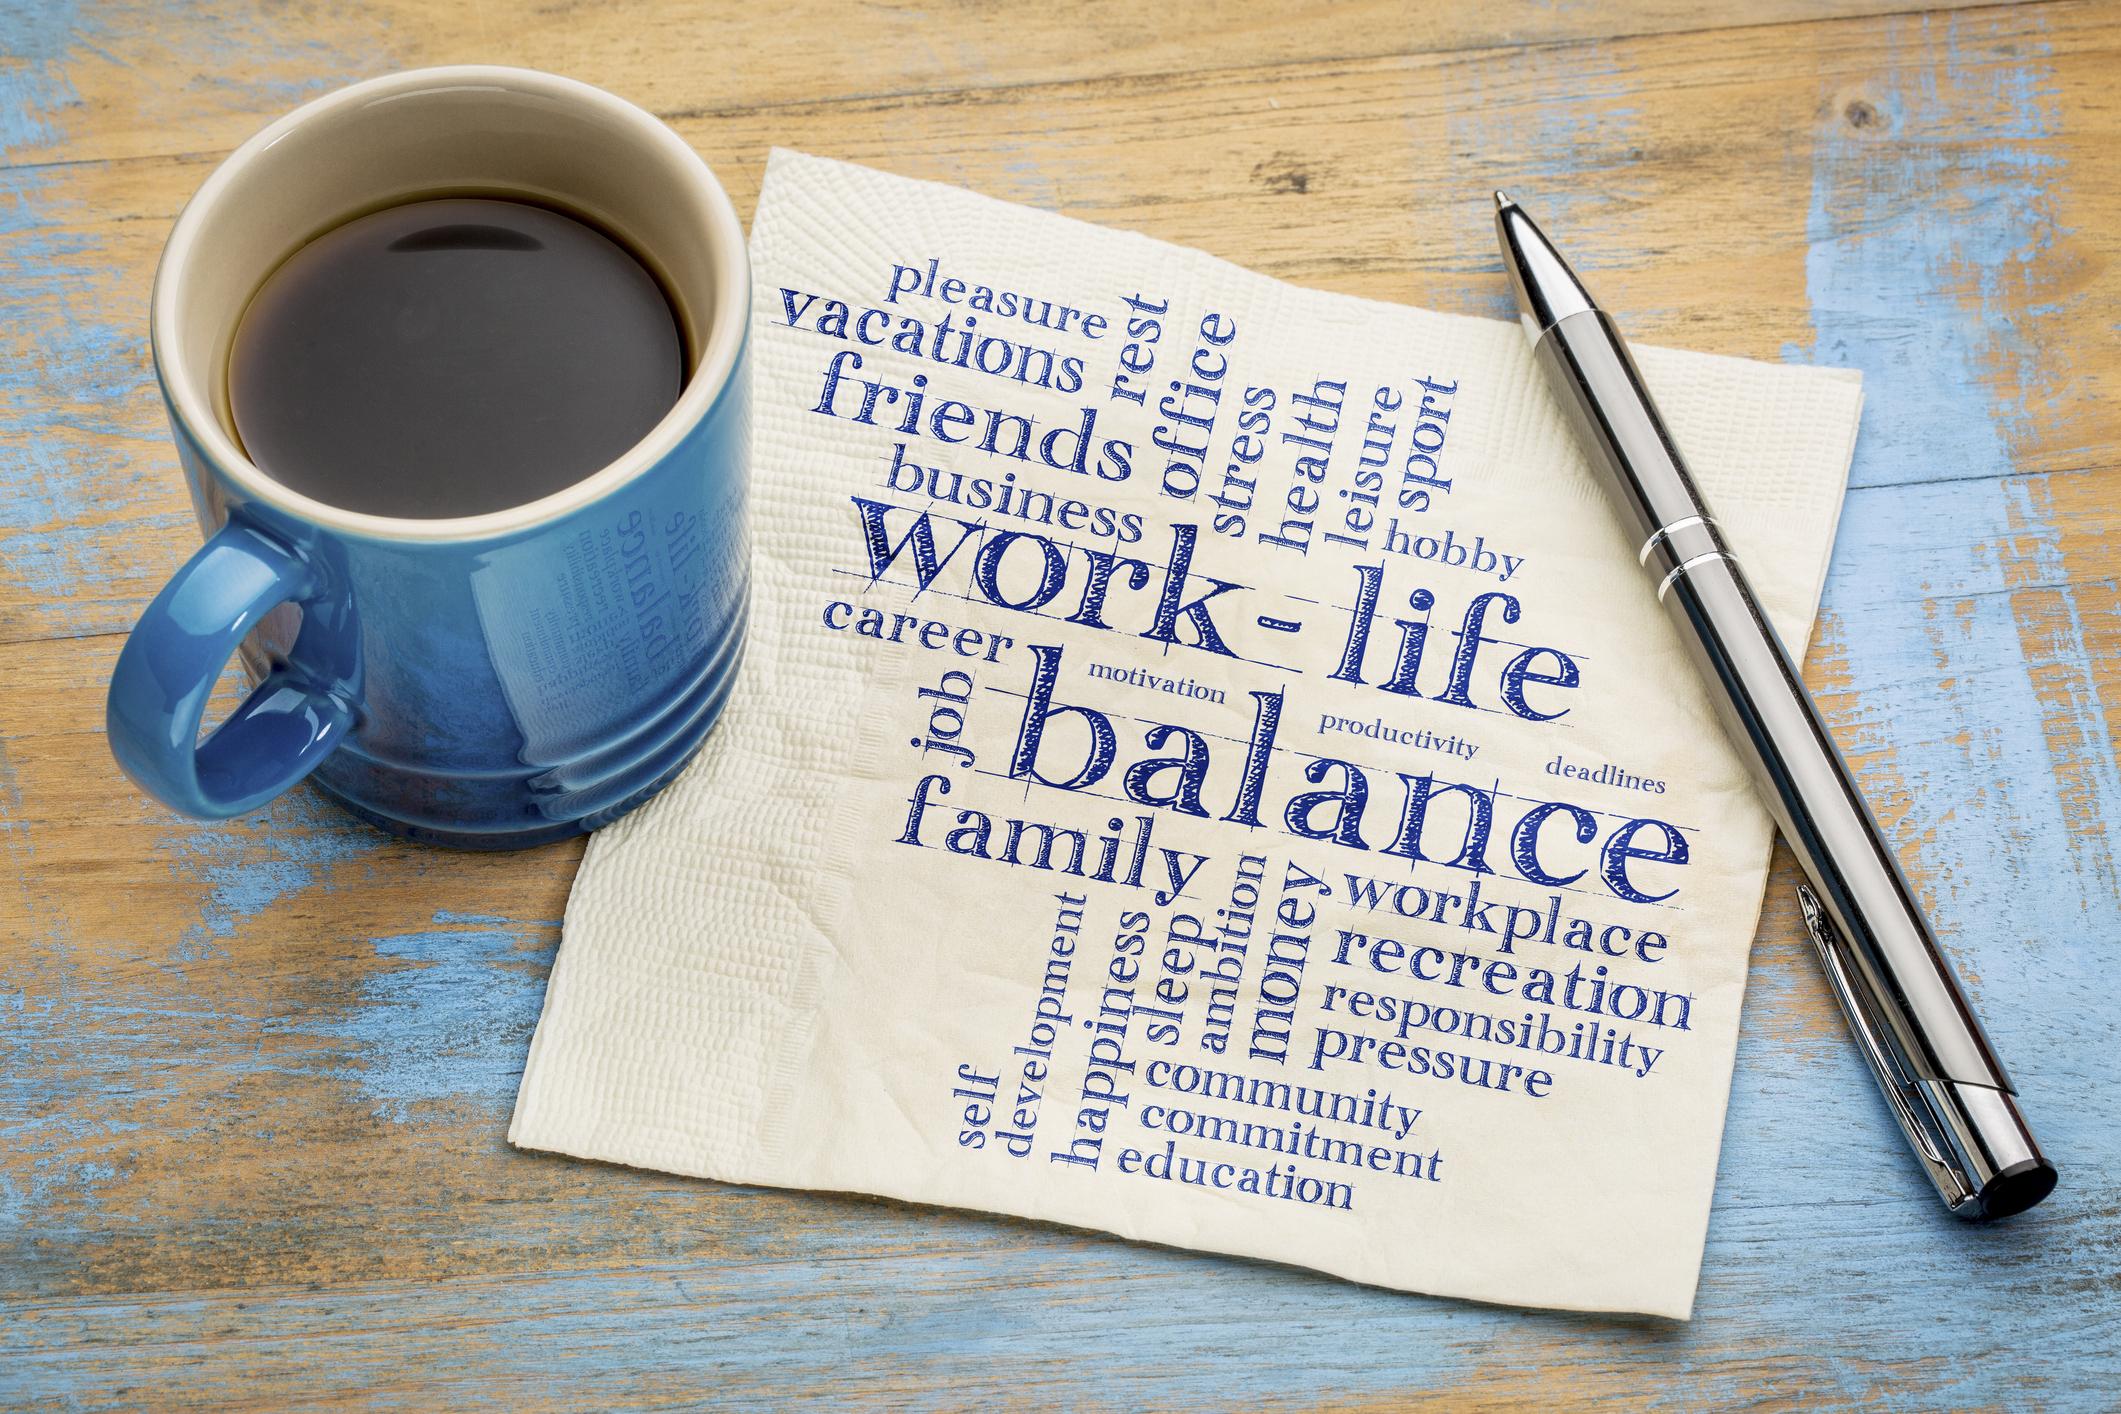 Work Balance.jpg